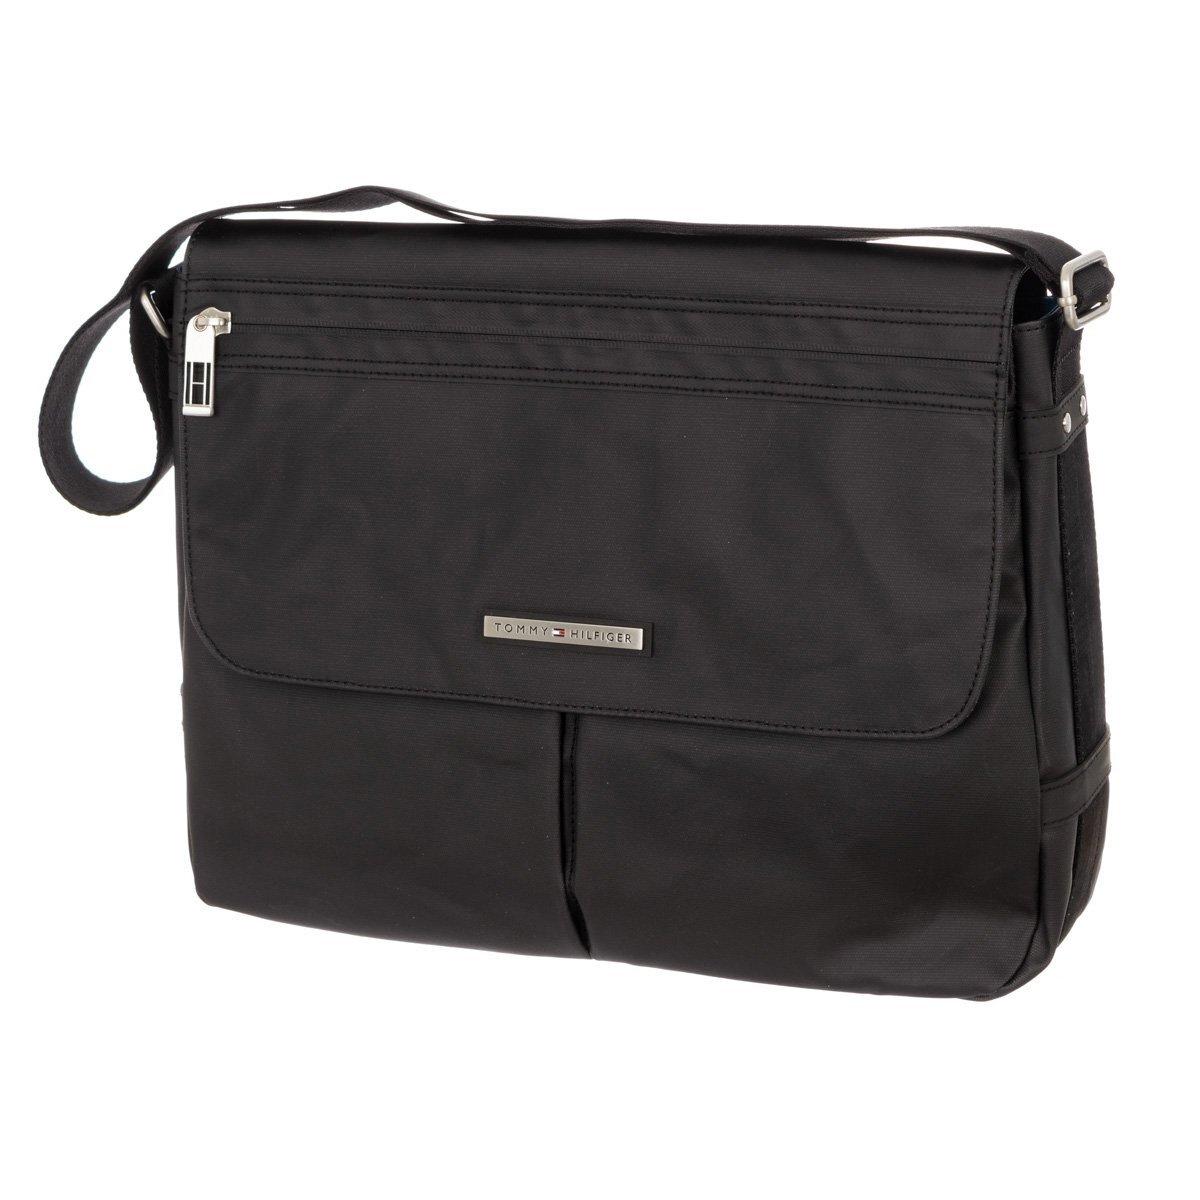 0d9c4a3873 Pánská černá taška se zipovou kapsou Tommy Hilfiger